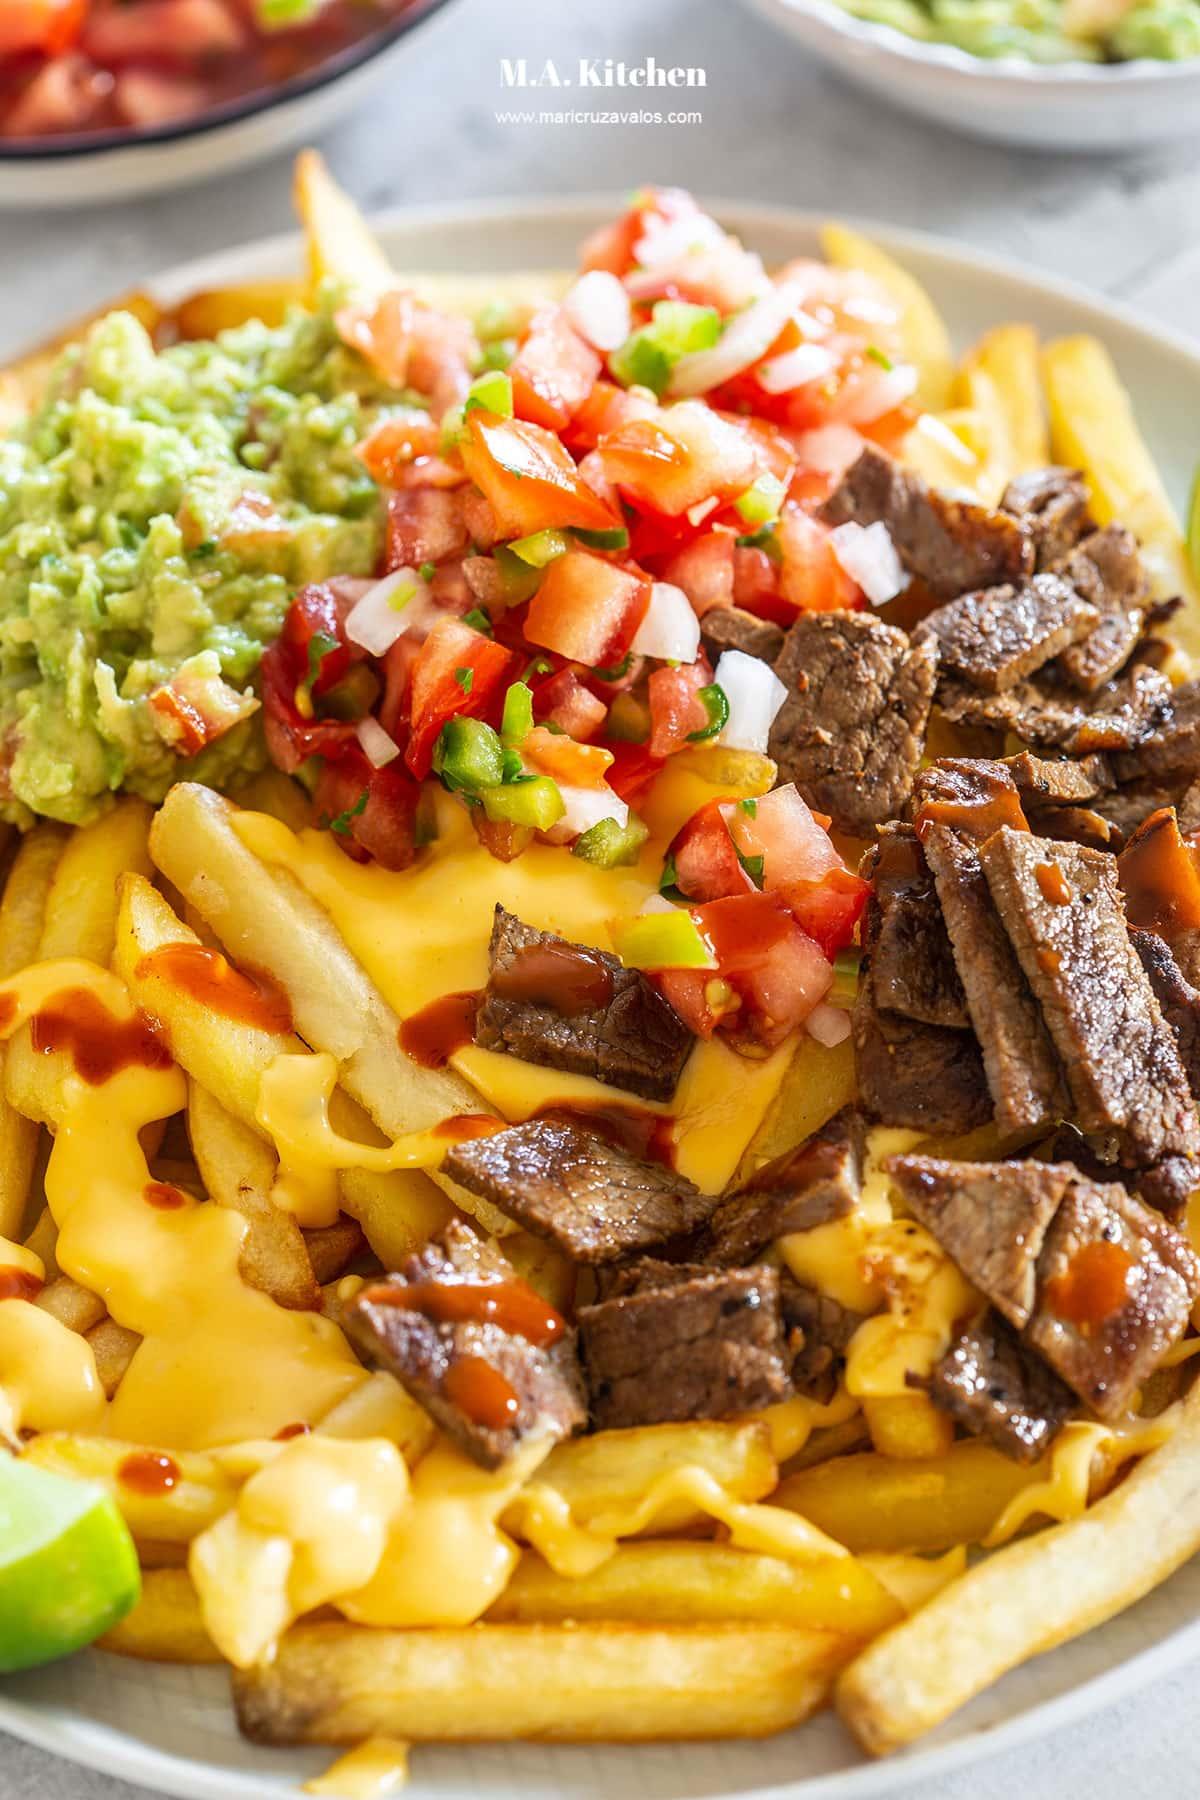 Asada fries topped with guacamole and pico de gallo.